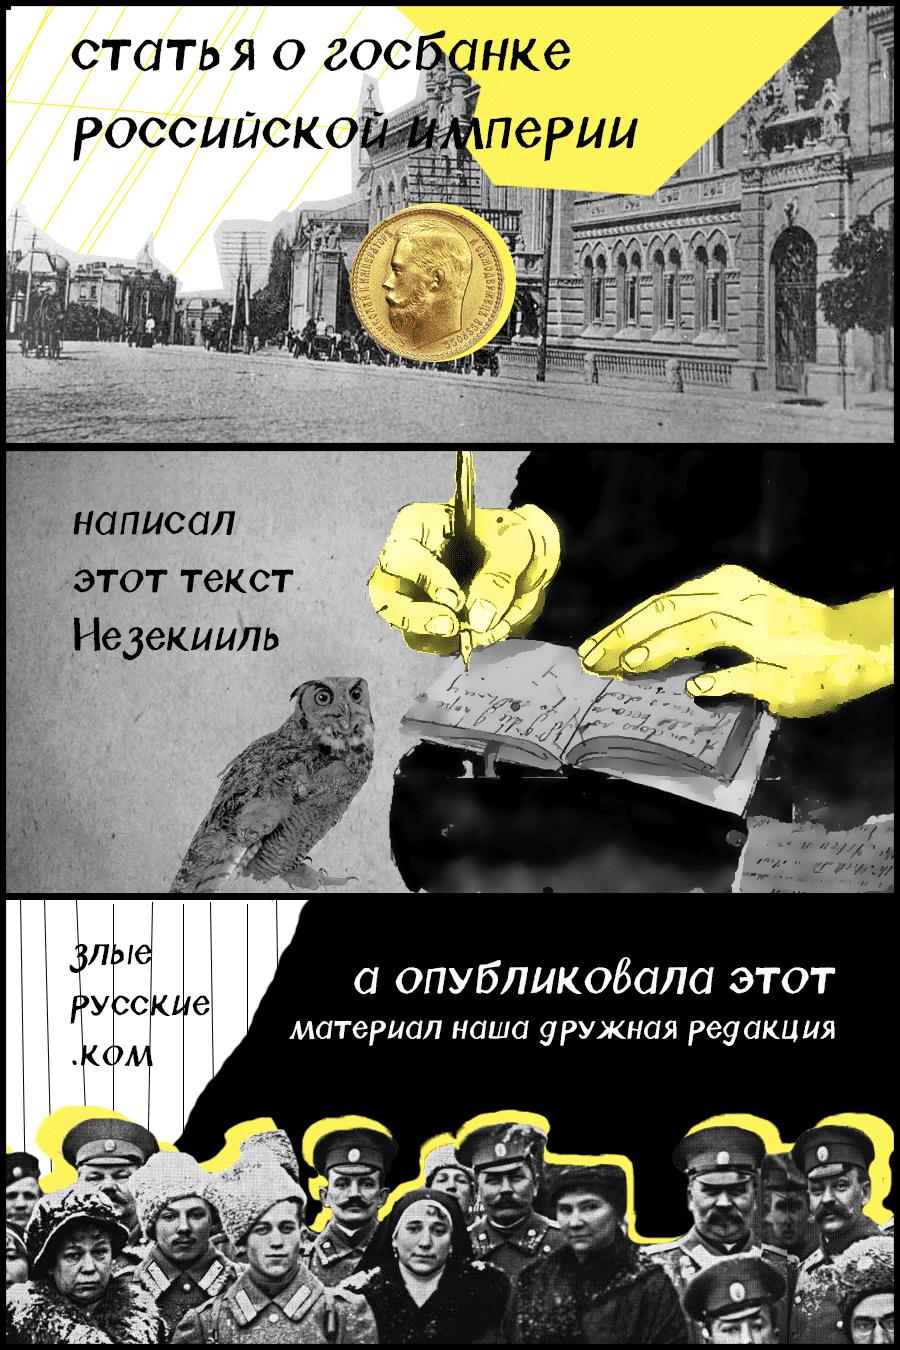 Государственный Банк Российской Империи